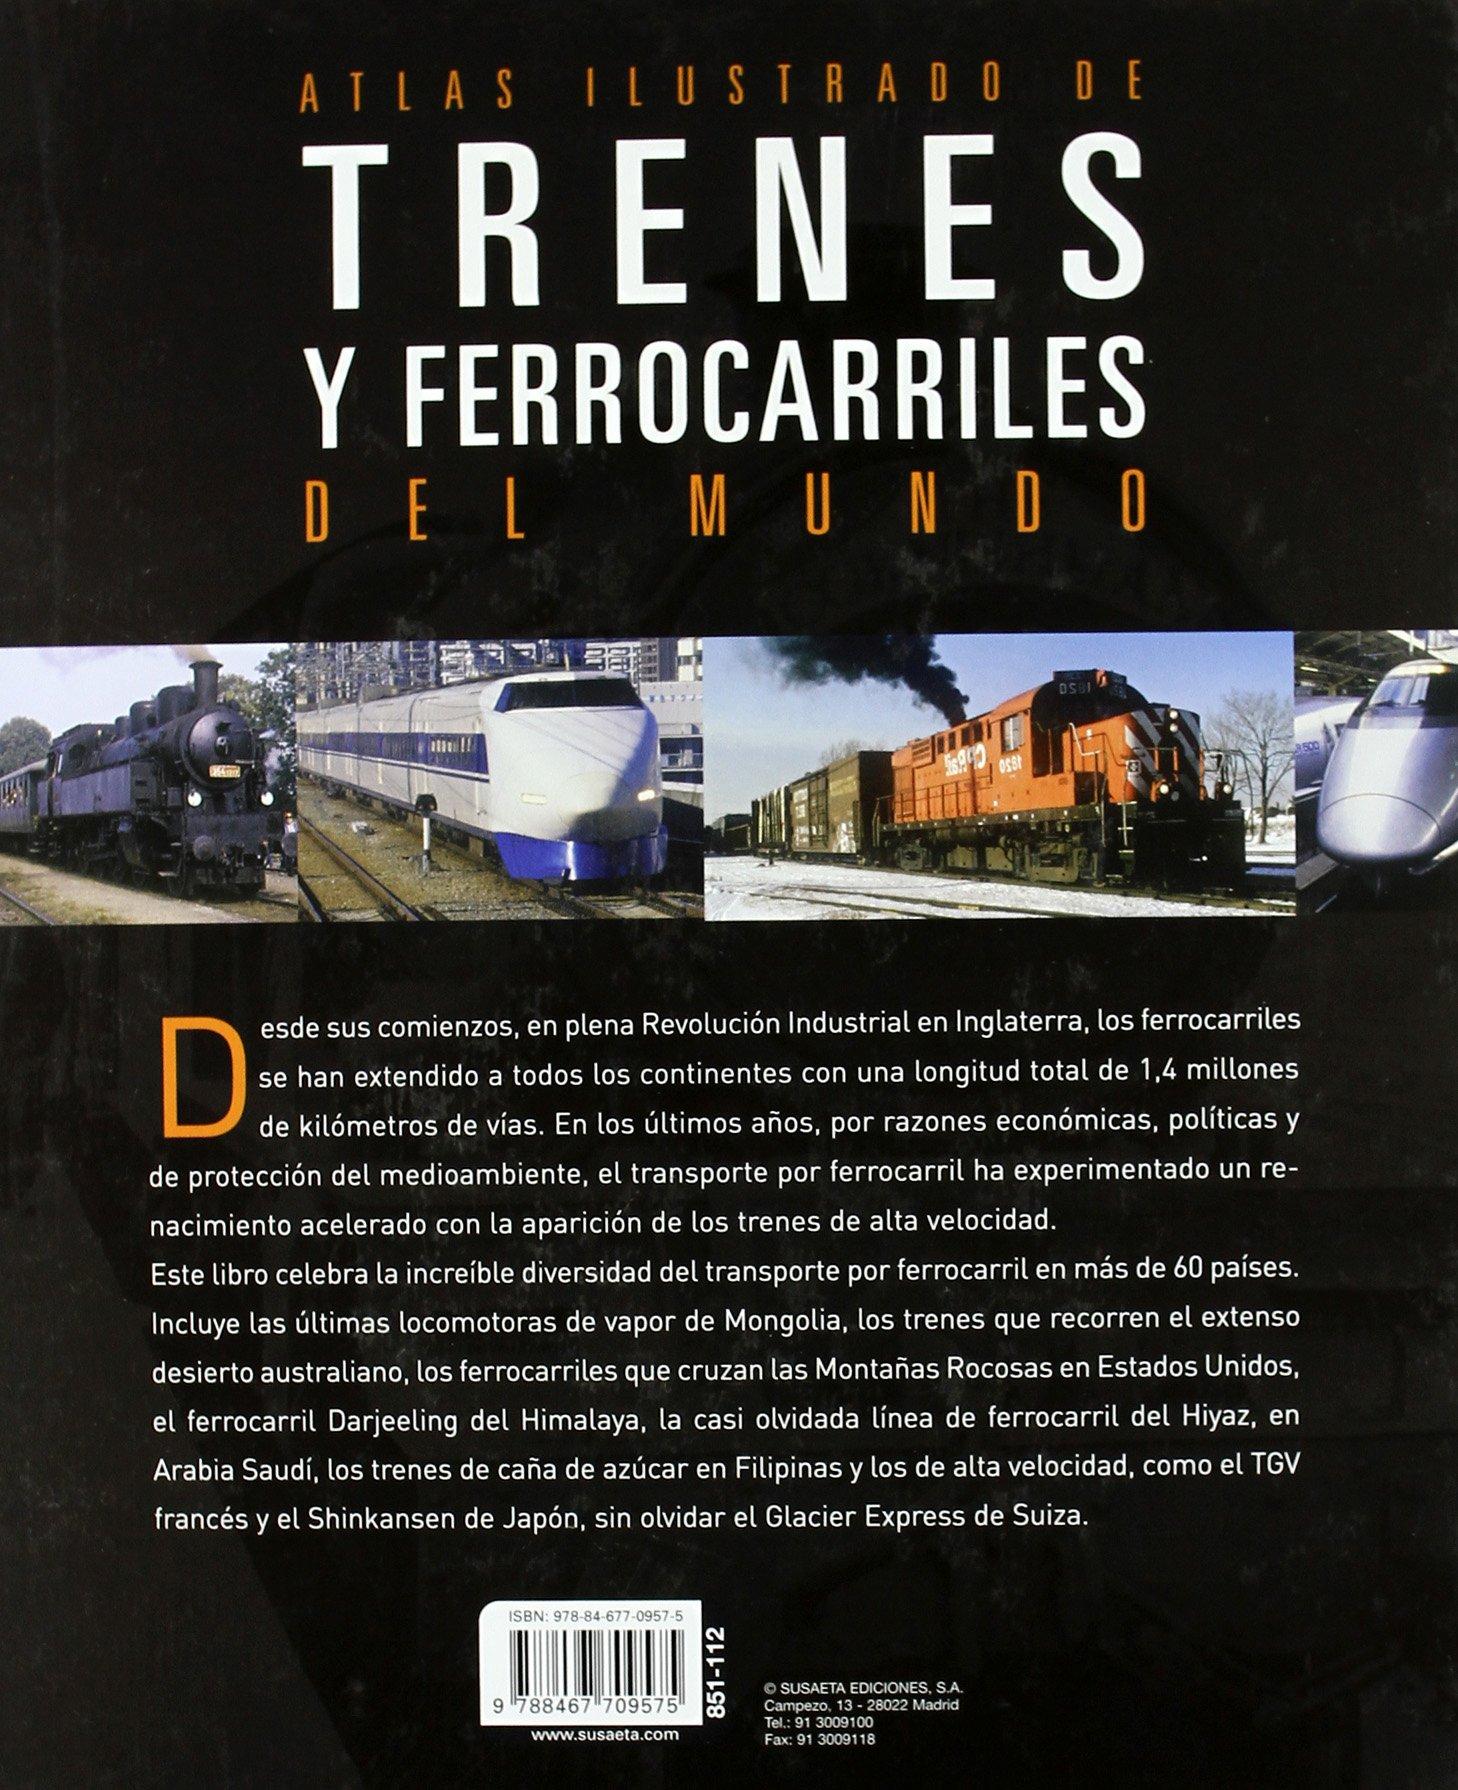 Trenes Y Ferrocarriles Del Mundo (Atlas Ilustrado): Amazon.es: Holland, Julian, Milepost, 92 1, 2-railphotolibrary.com: Libros